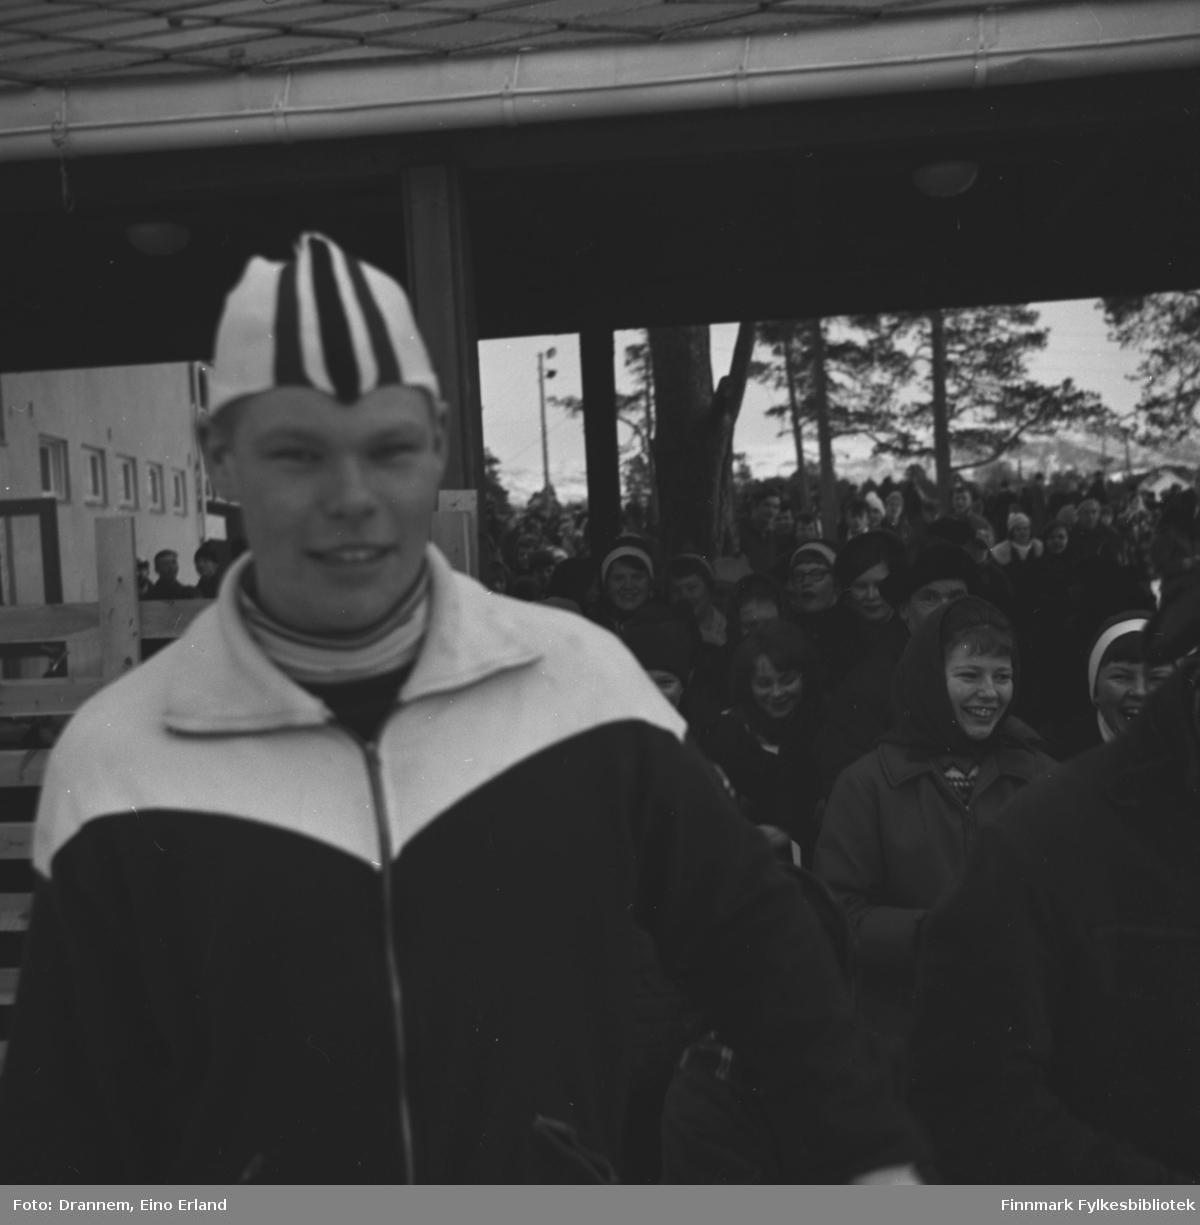 Skøyteløperen Per Ivar Moe foran en folkemengde i Alta under et skøytestevne.